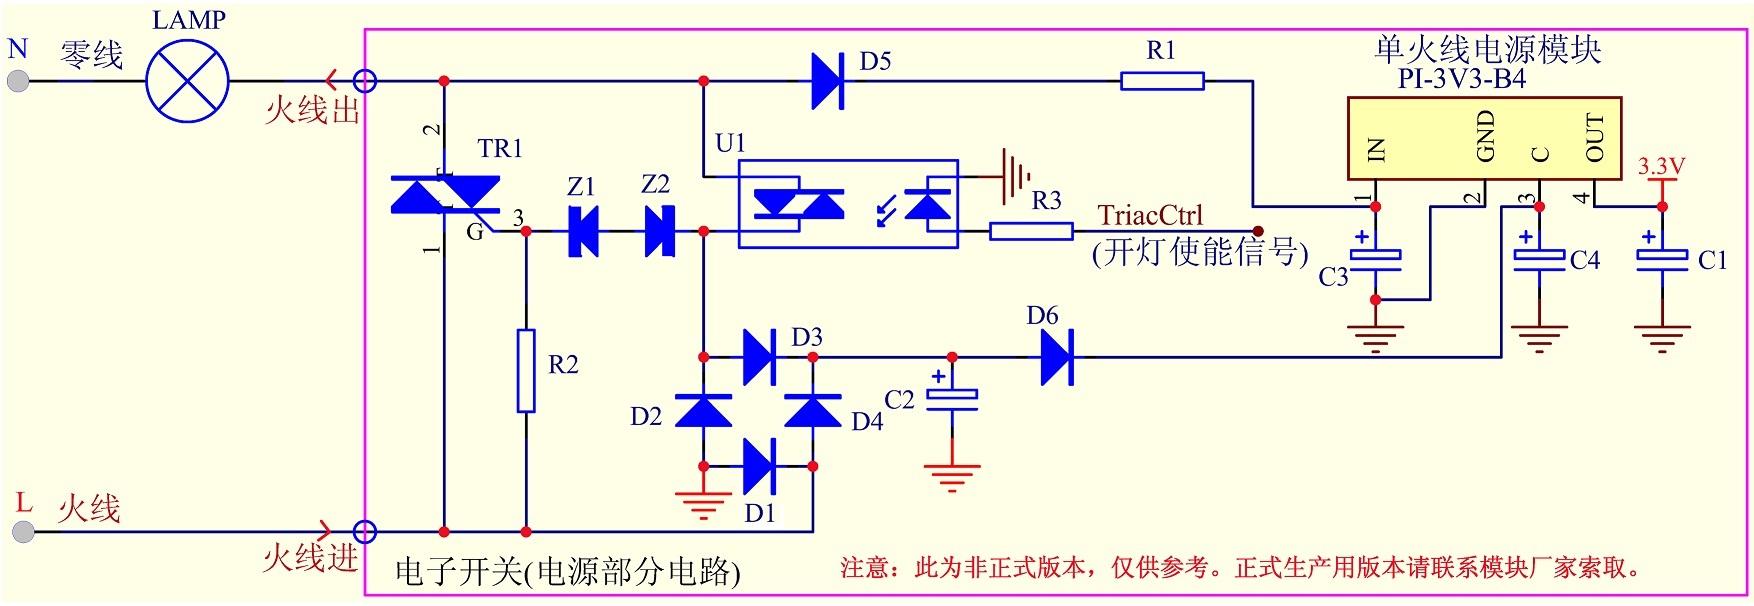 智能开关单火线取电电路原理图